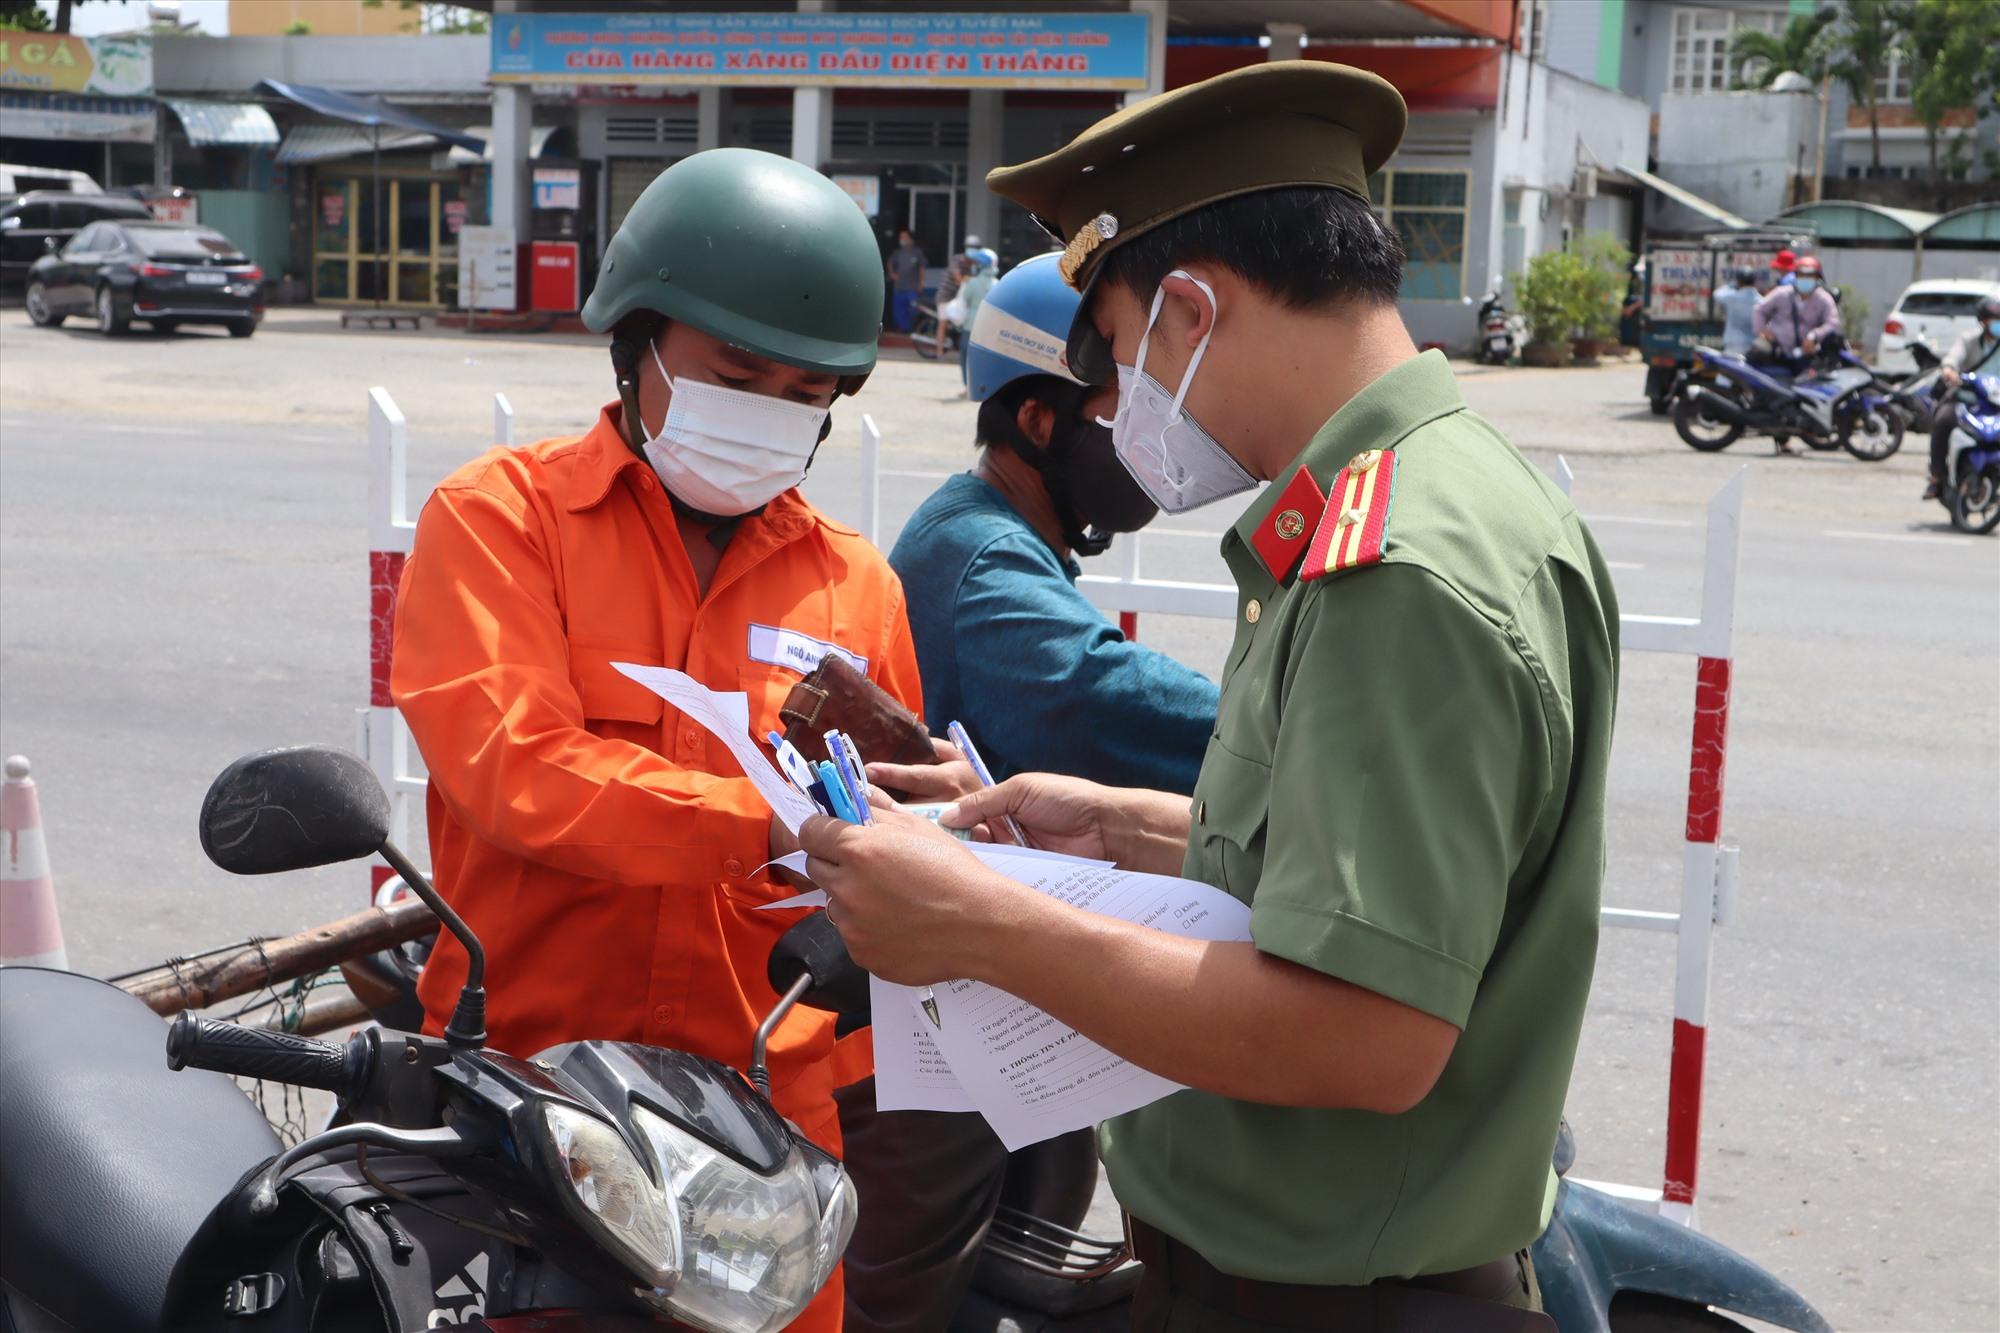 Lực lượng chức năng kiểm tra giấy tờ tại một chốt kiểm soát cửa ngõ giữa Quảng Nam - Đà Nẵng. Ảnh: H.S